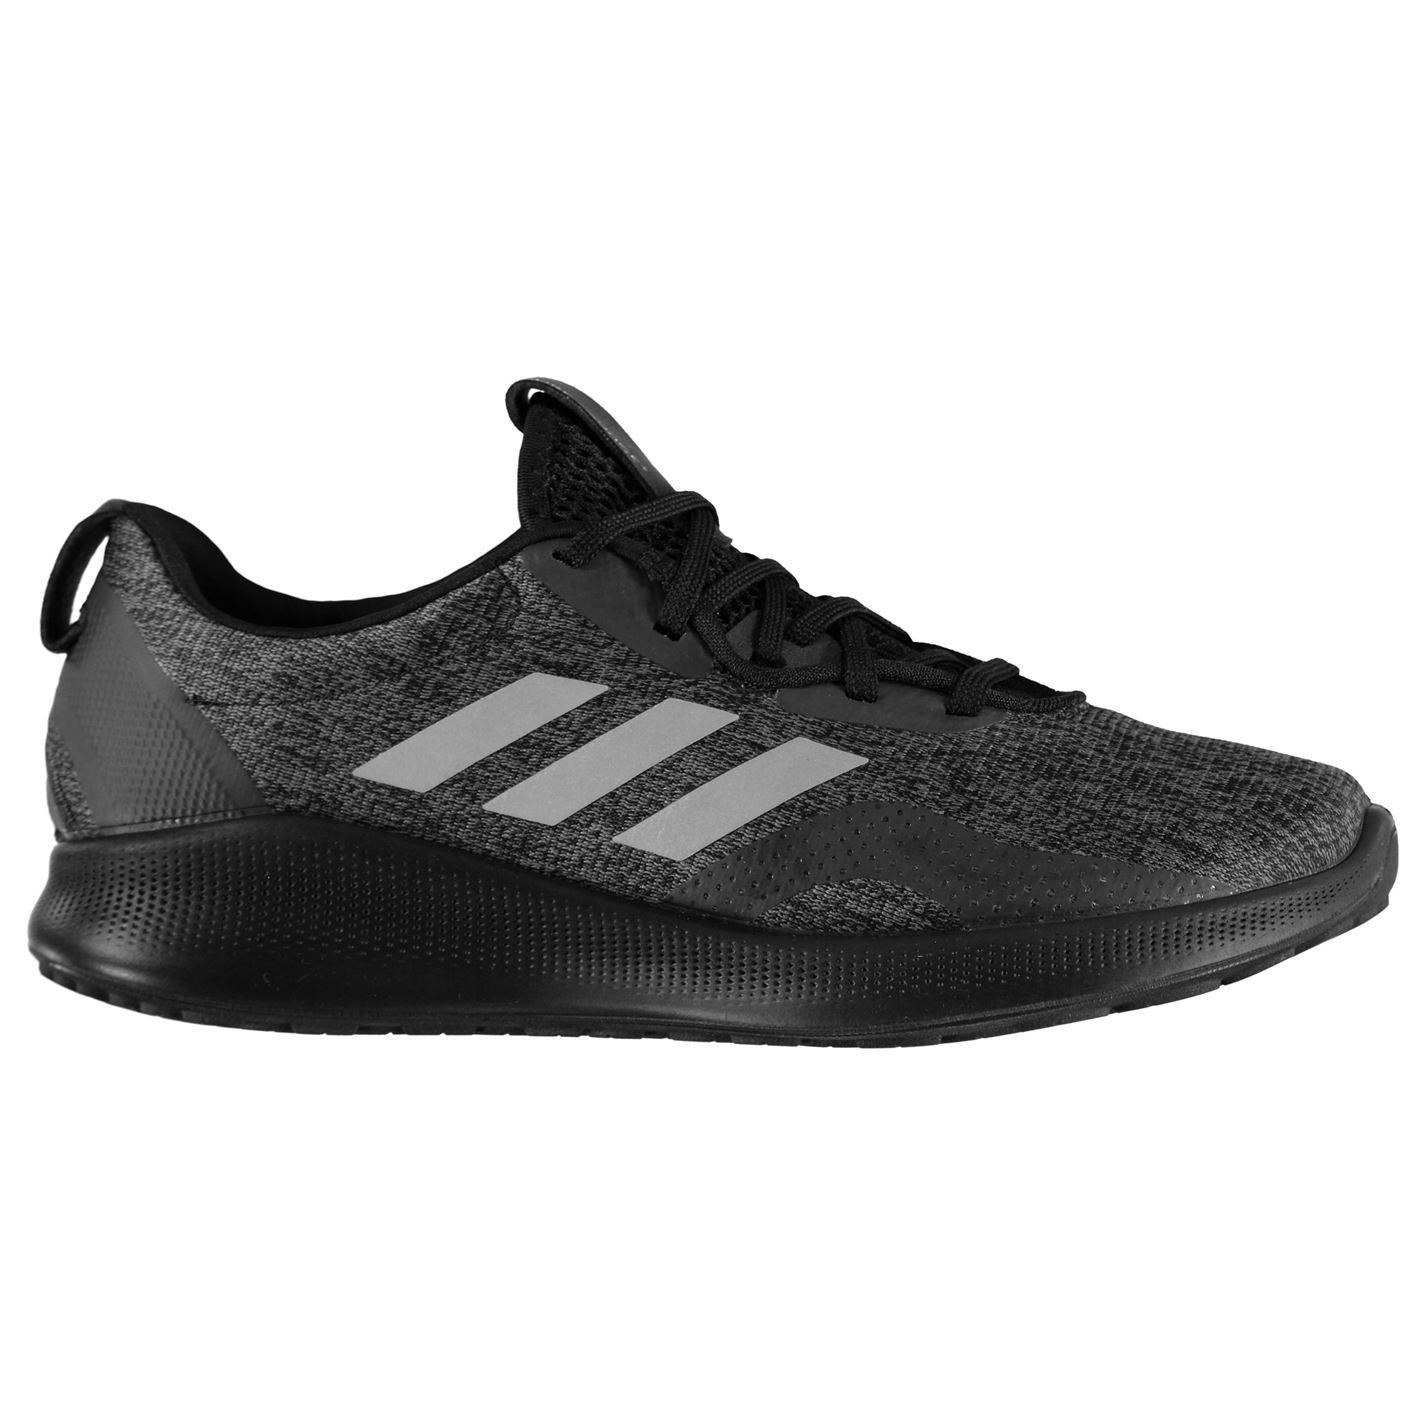 adidas mujer zapatillas running negras